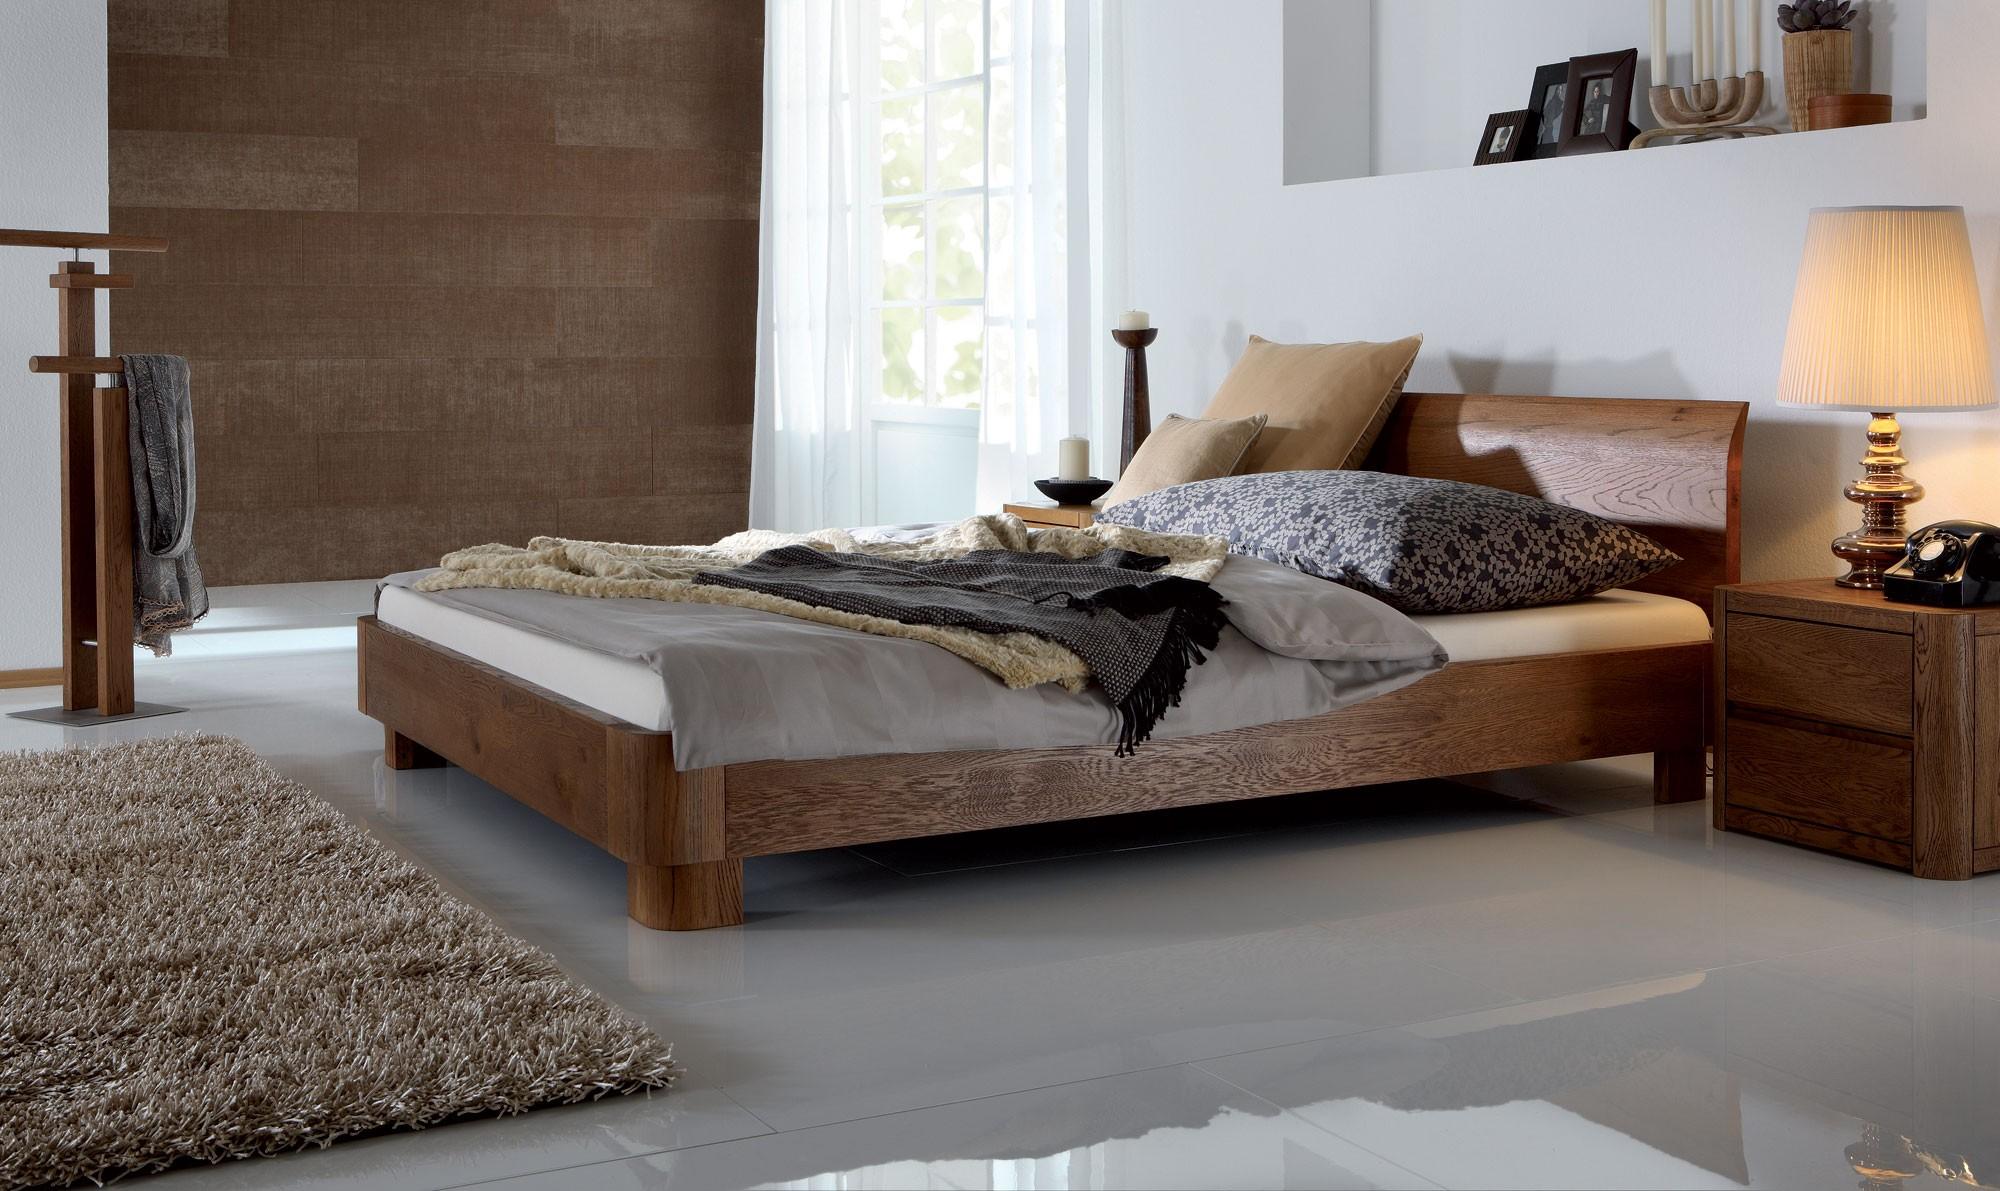 Изготовление кровати из натурального дерева екатеринбург